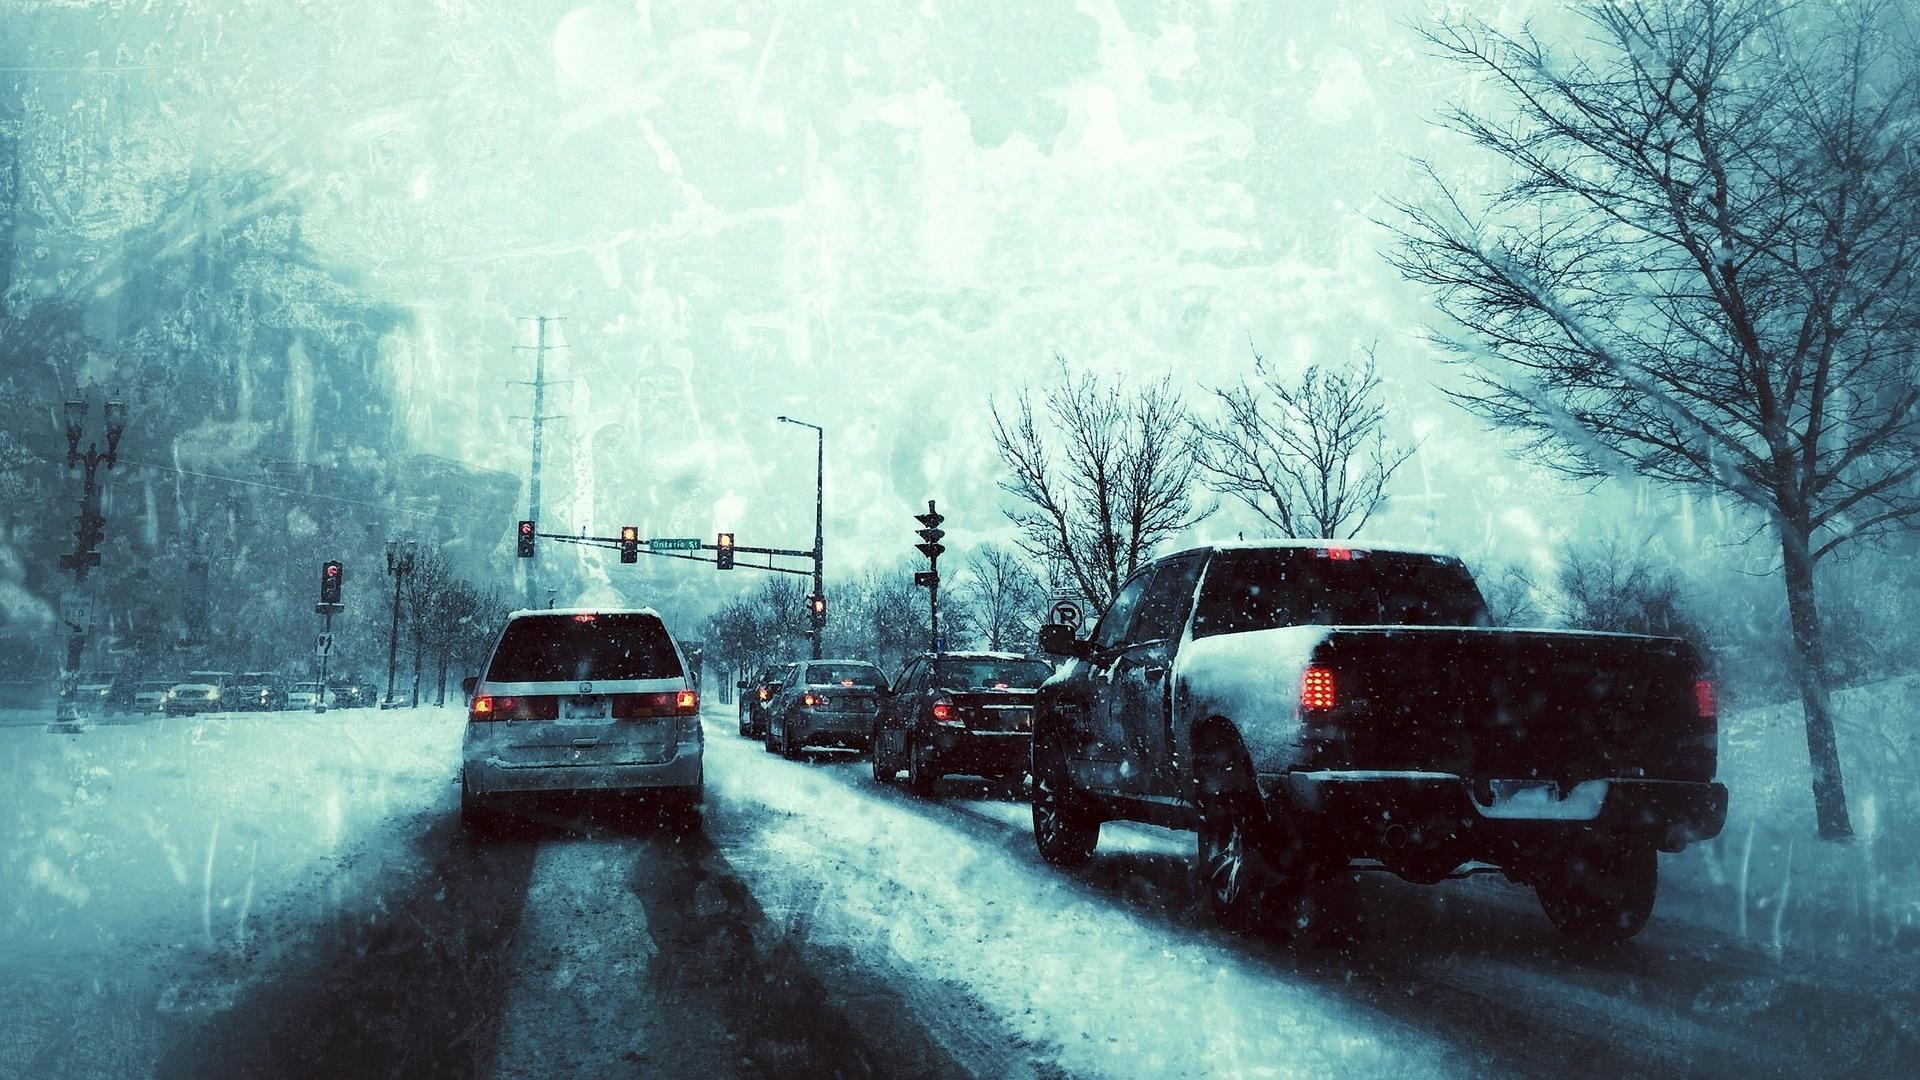 Um das Auto winterfest zu machen, sollten Sie frühzeitig die Reifen wechseln